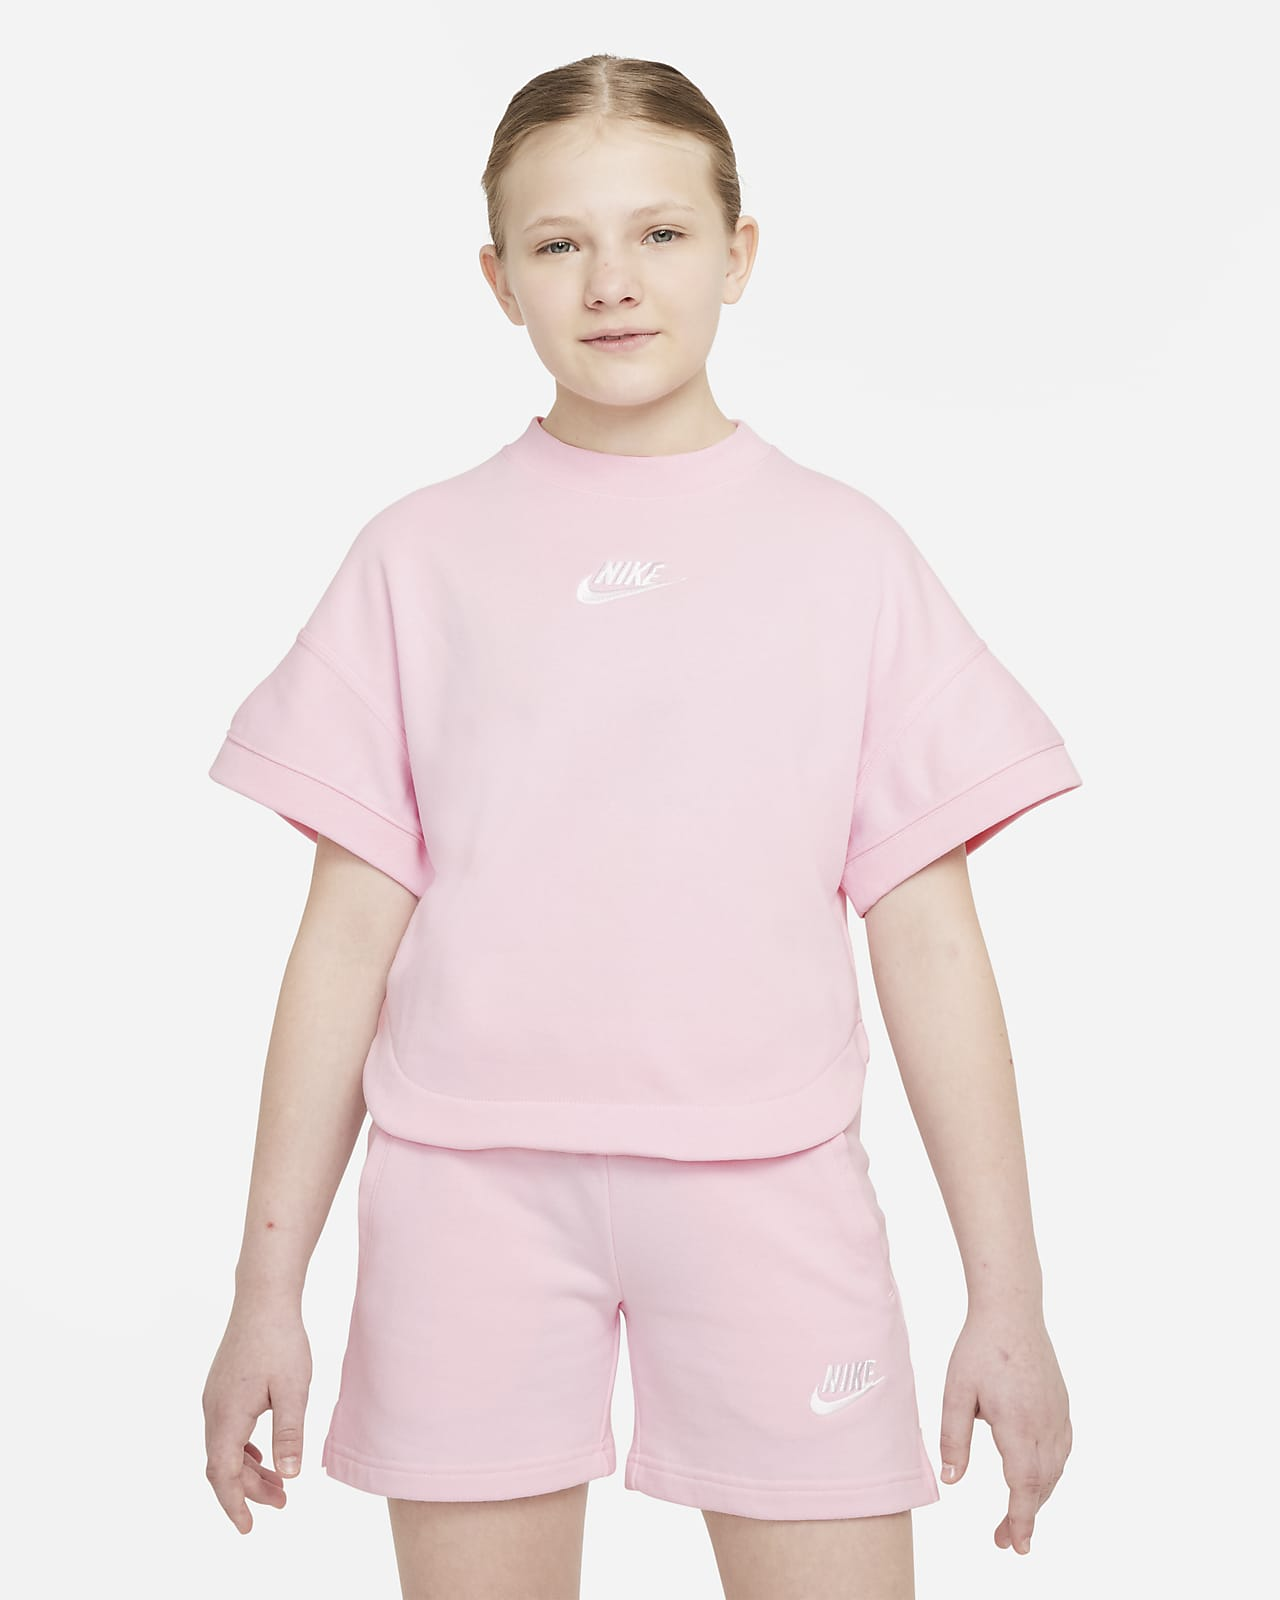 Nike Sportswear French Terry 大童(女孩)短袖上衣